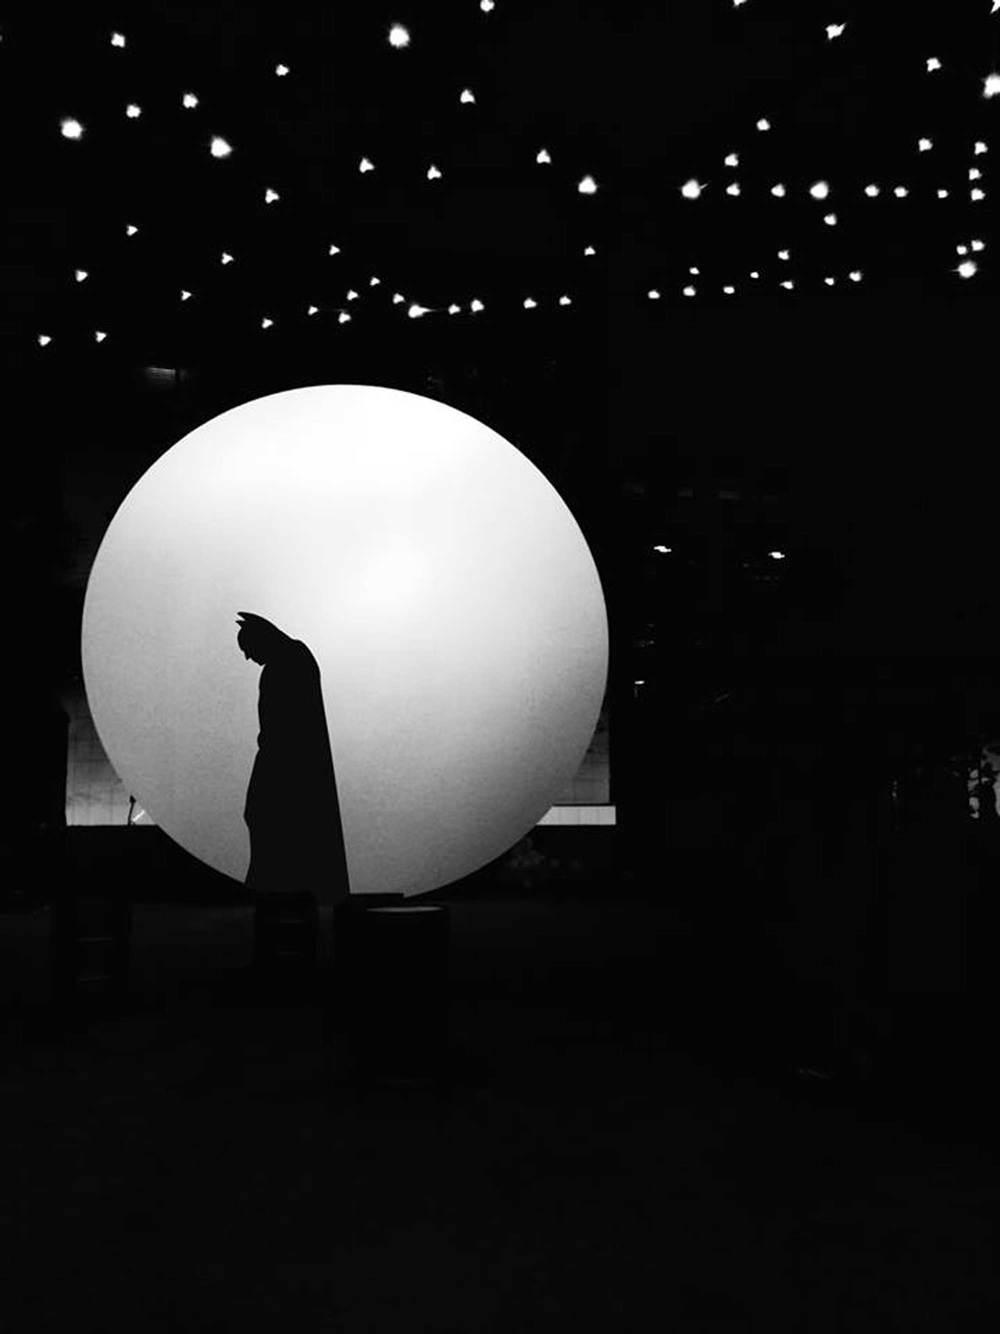 Луна - стала одним из самых популярных объектов с социальных сетях.